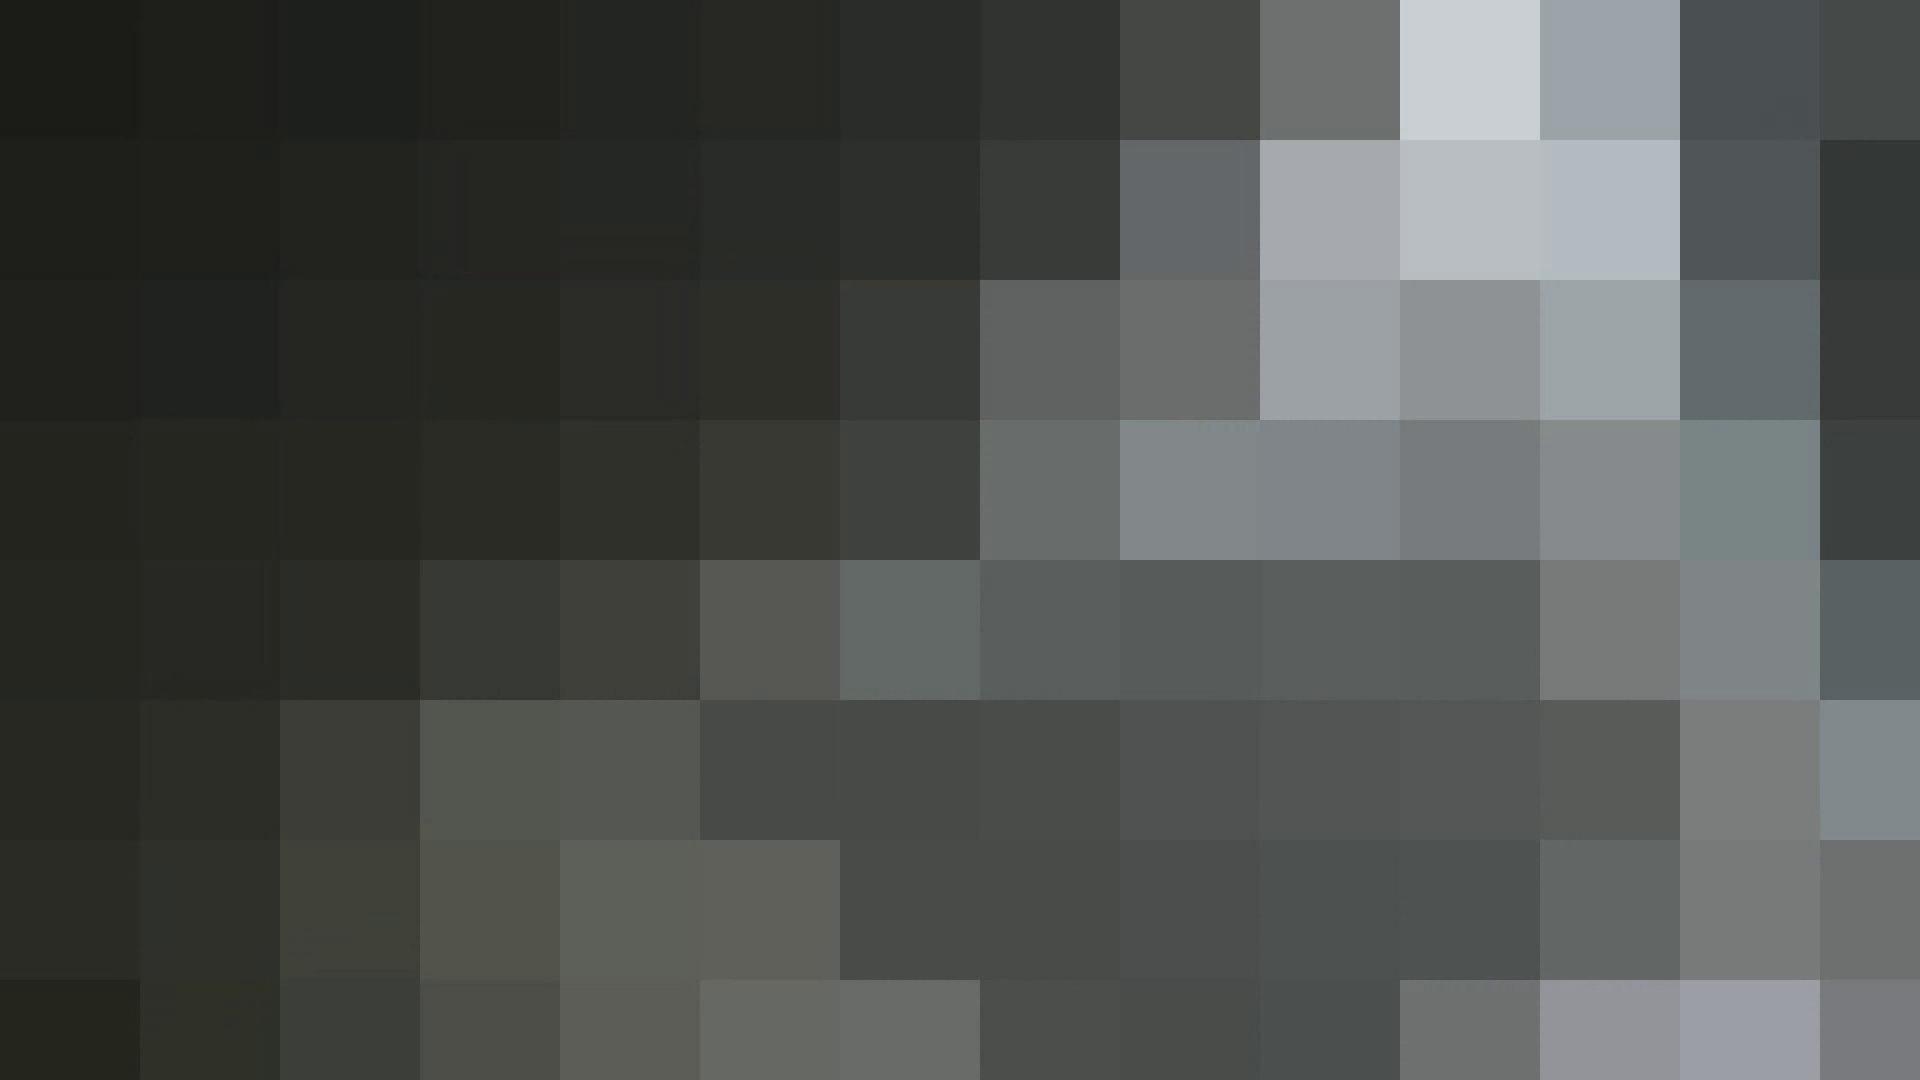 【美しき個室な世界】 vol.021 めがねっこ 色っぽいOL達   洗面所  100pic 51